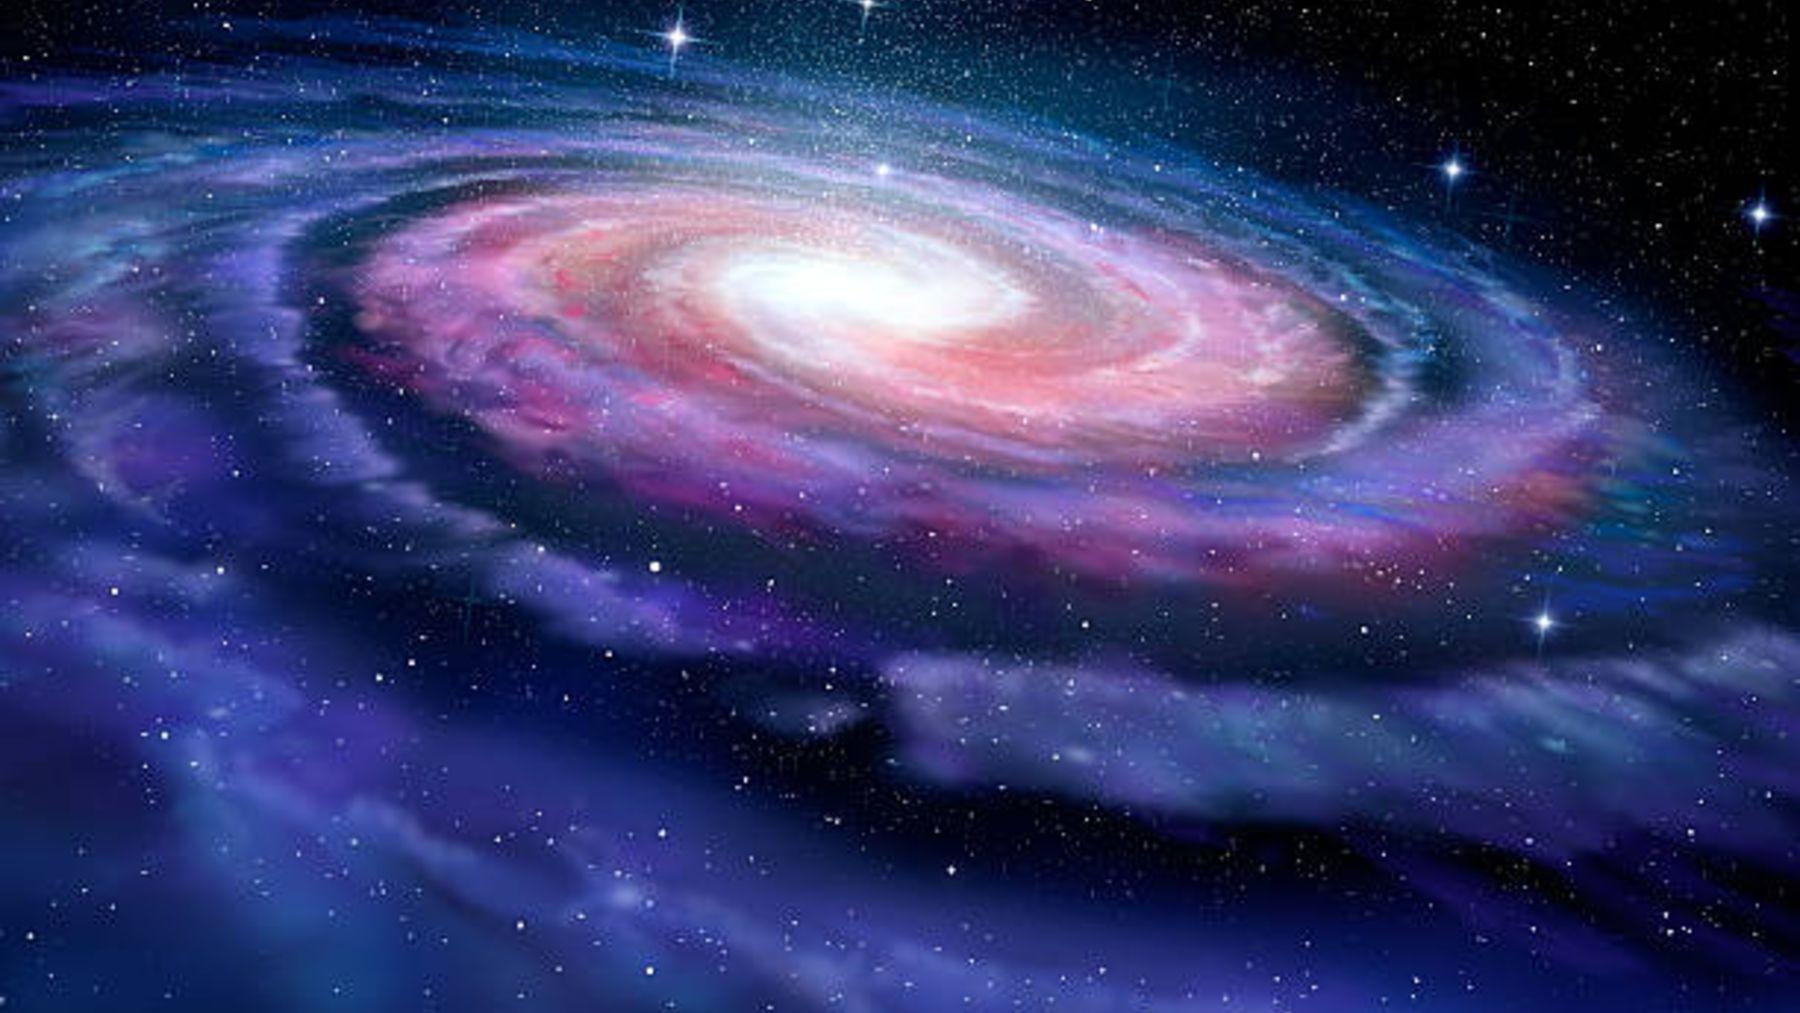 Un nuevo hallazgo ha revelado una nube en la galaxia más grande que la Vía láctea